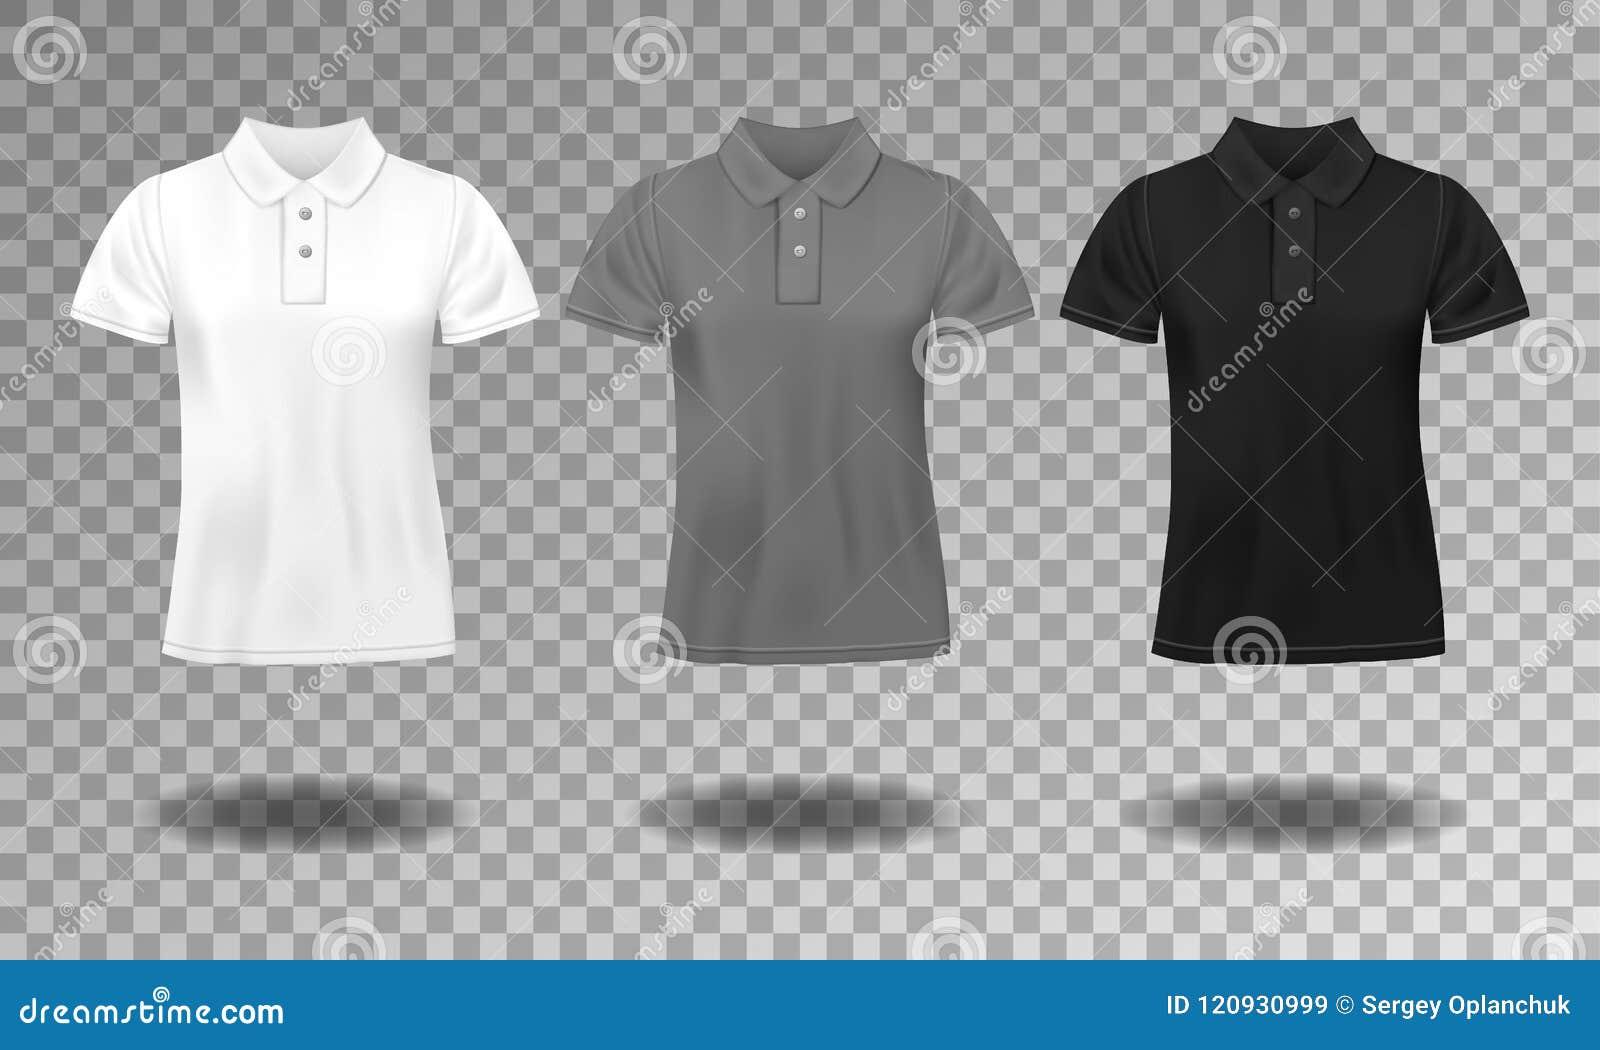 Calibre masculin mince réaliste de noir, blanc et gris de polo de T-shirt 2974753bd891